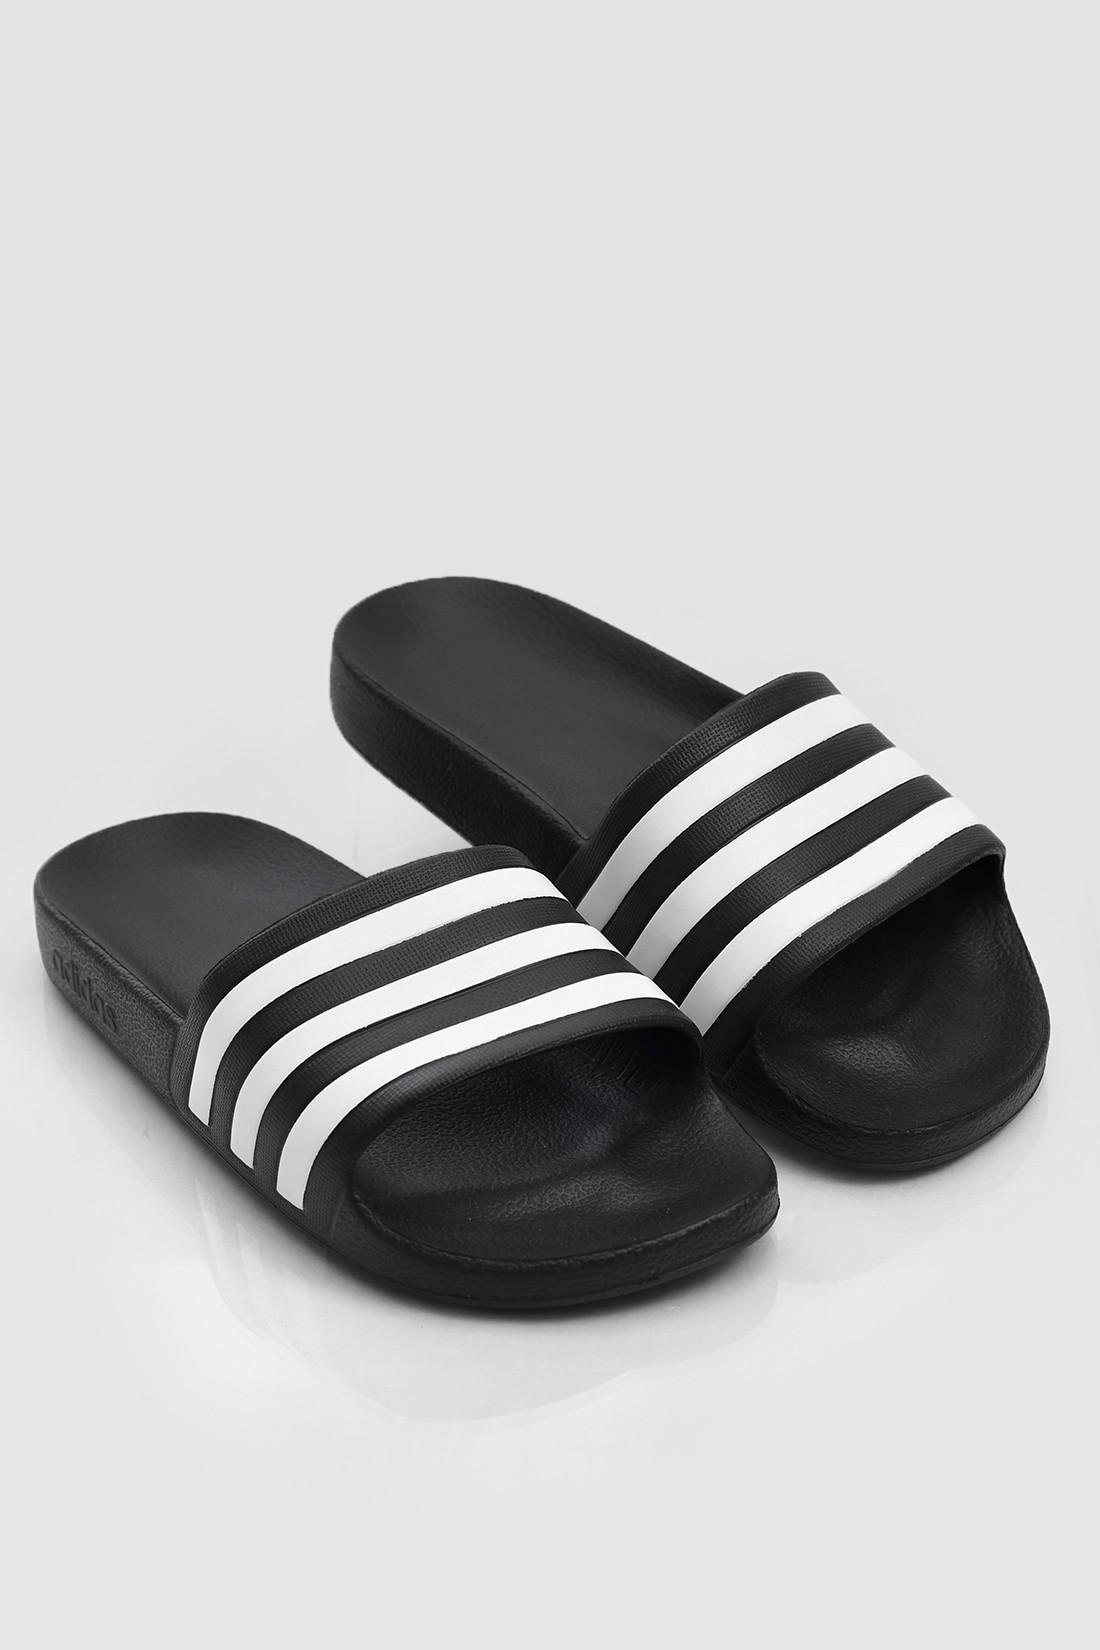 Slide Adidas Adilette Aqua